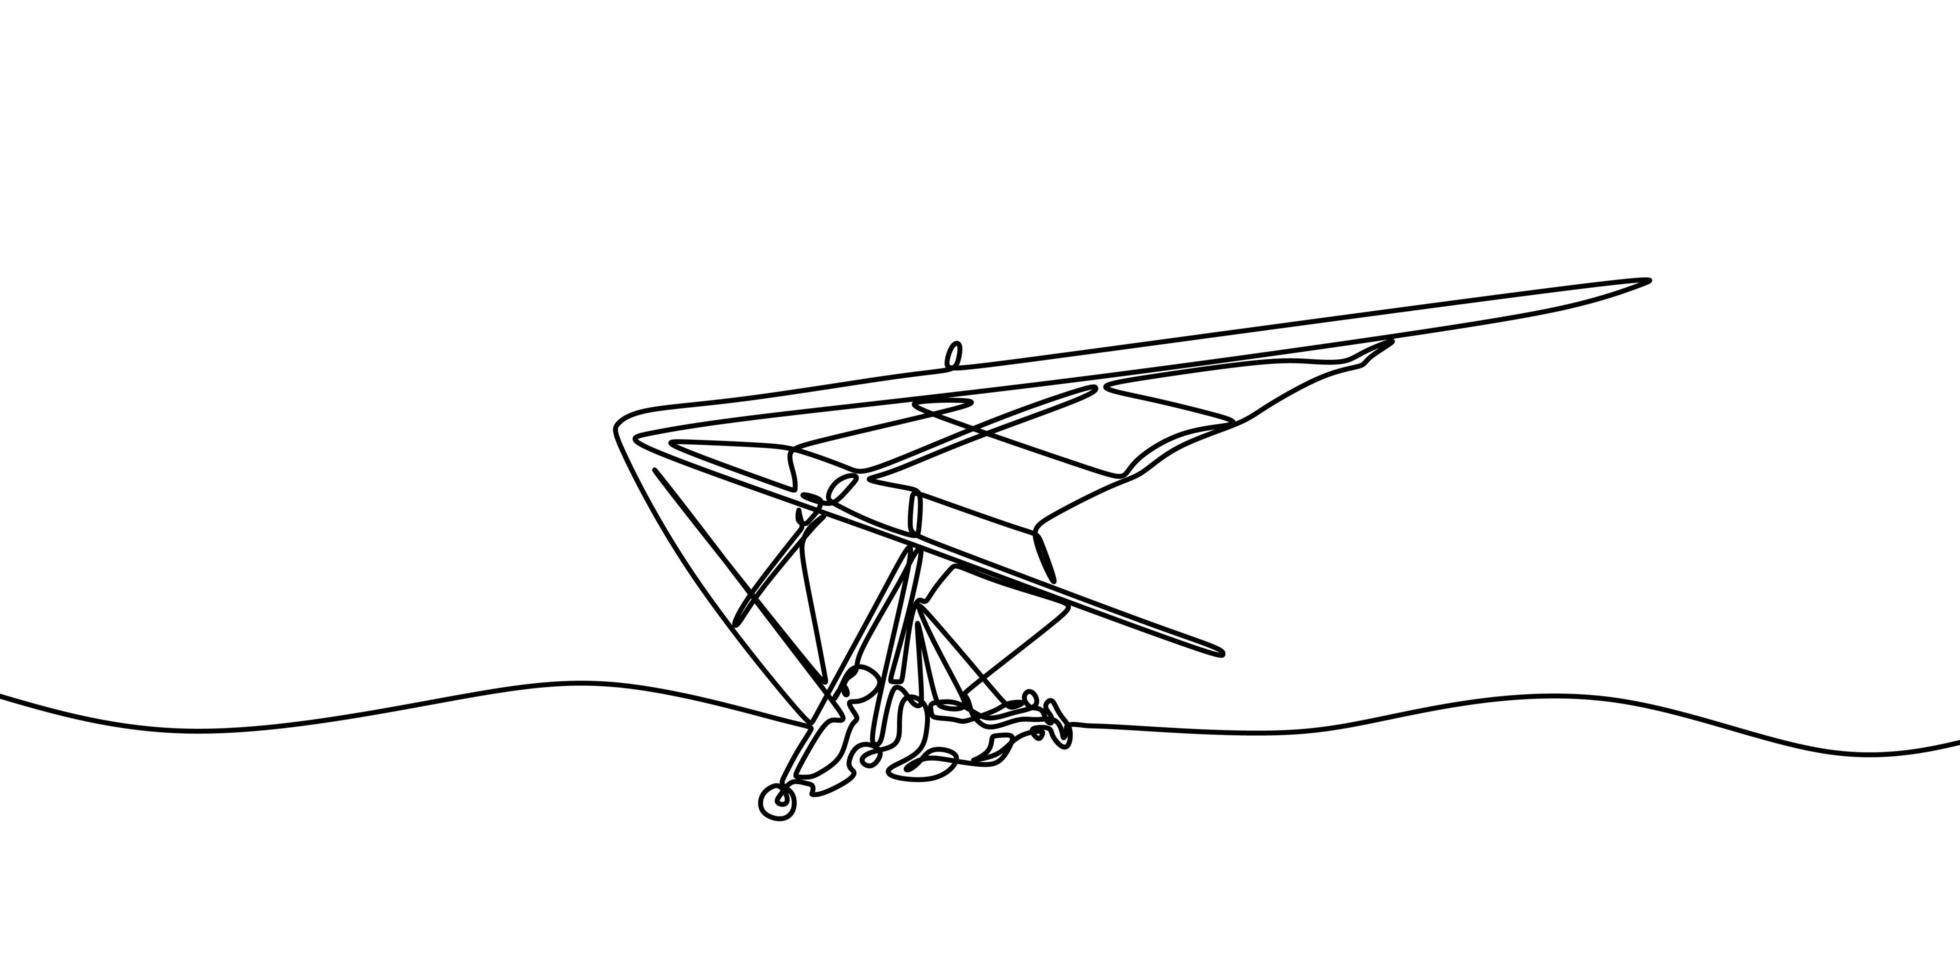 deltaplano un disegno al tratto, uno sport aereo o un'attività ricreativa in cui un pilota fa volare una luce. vettore